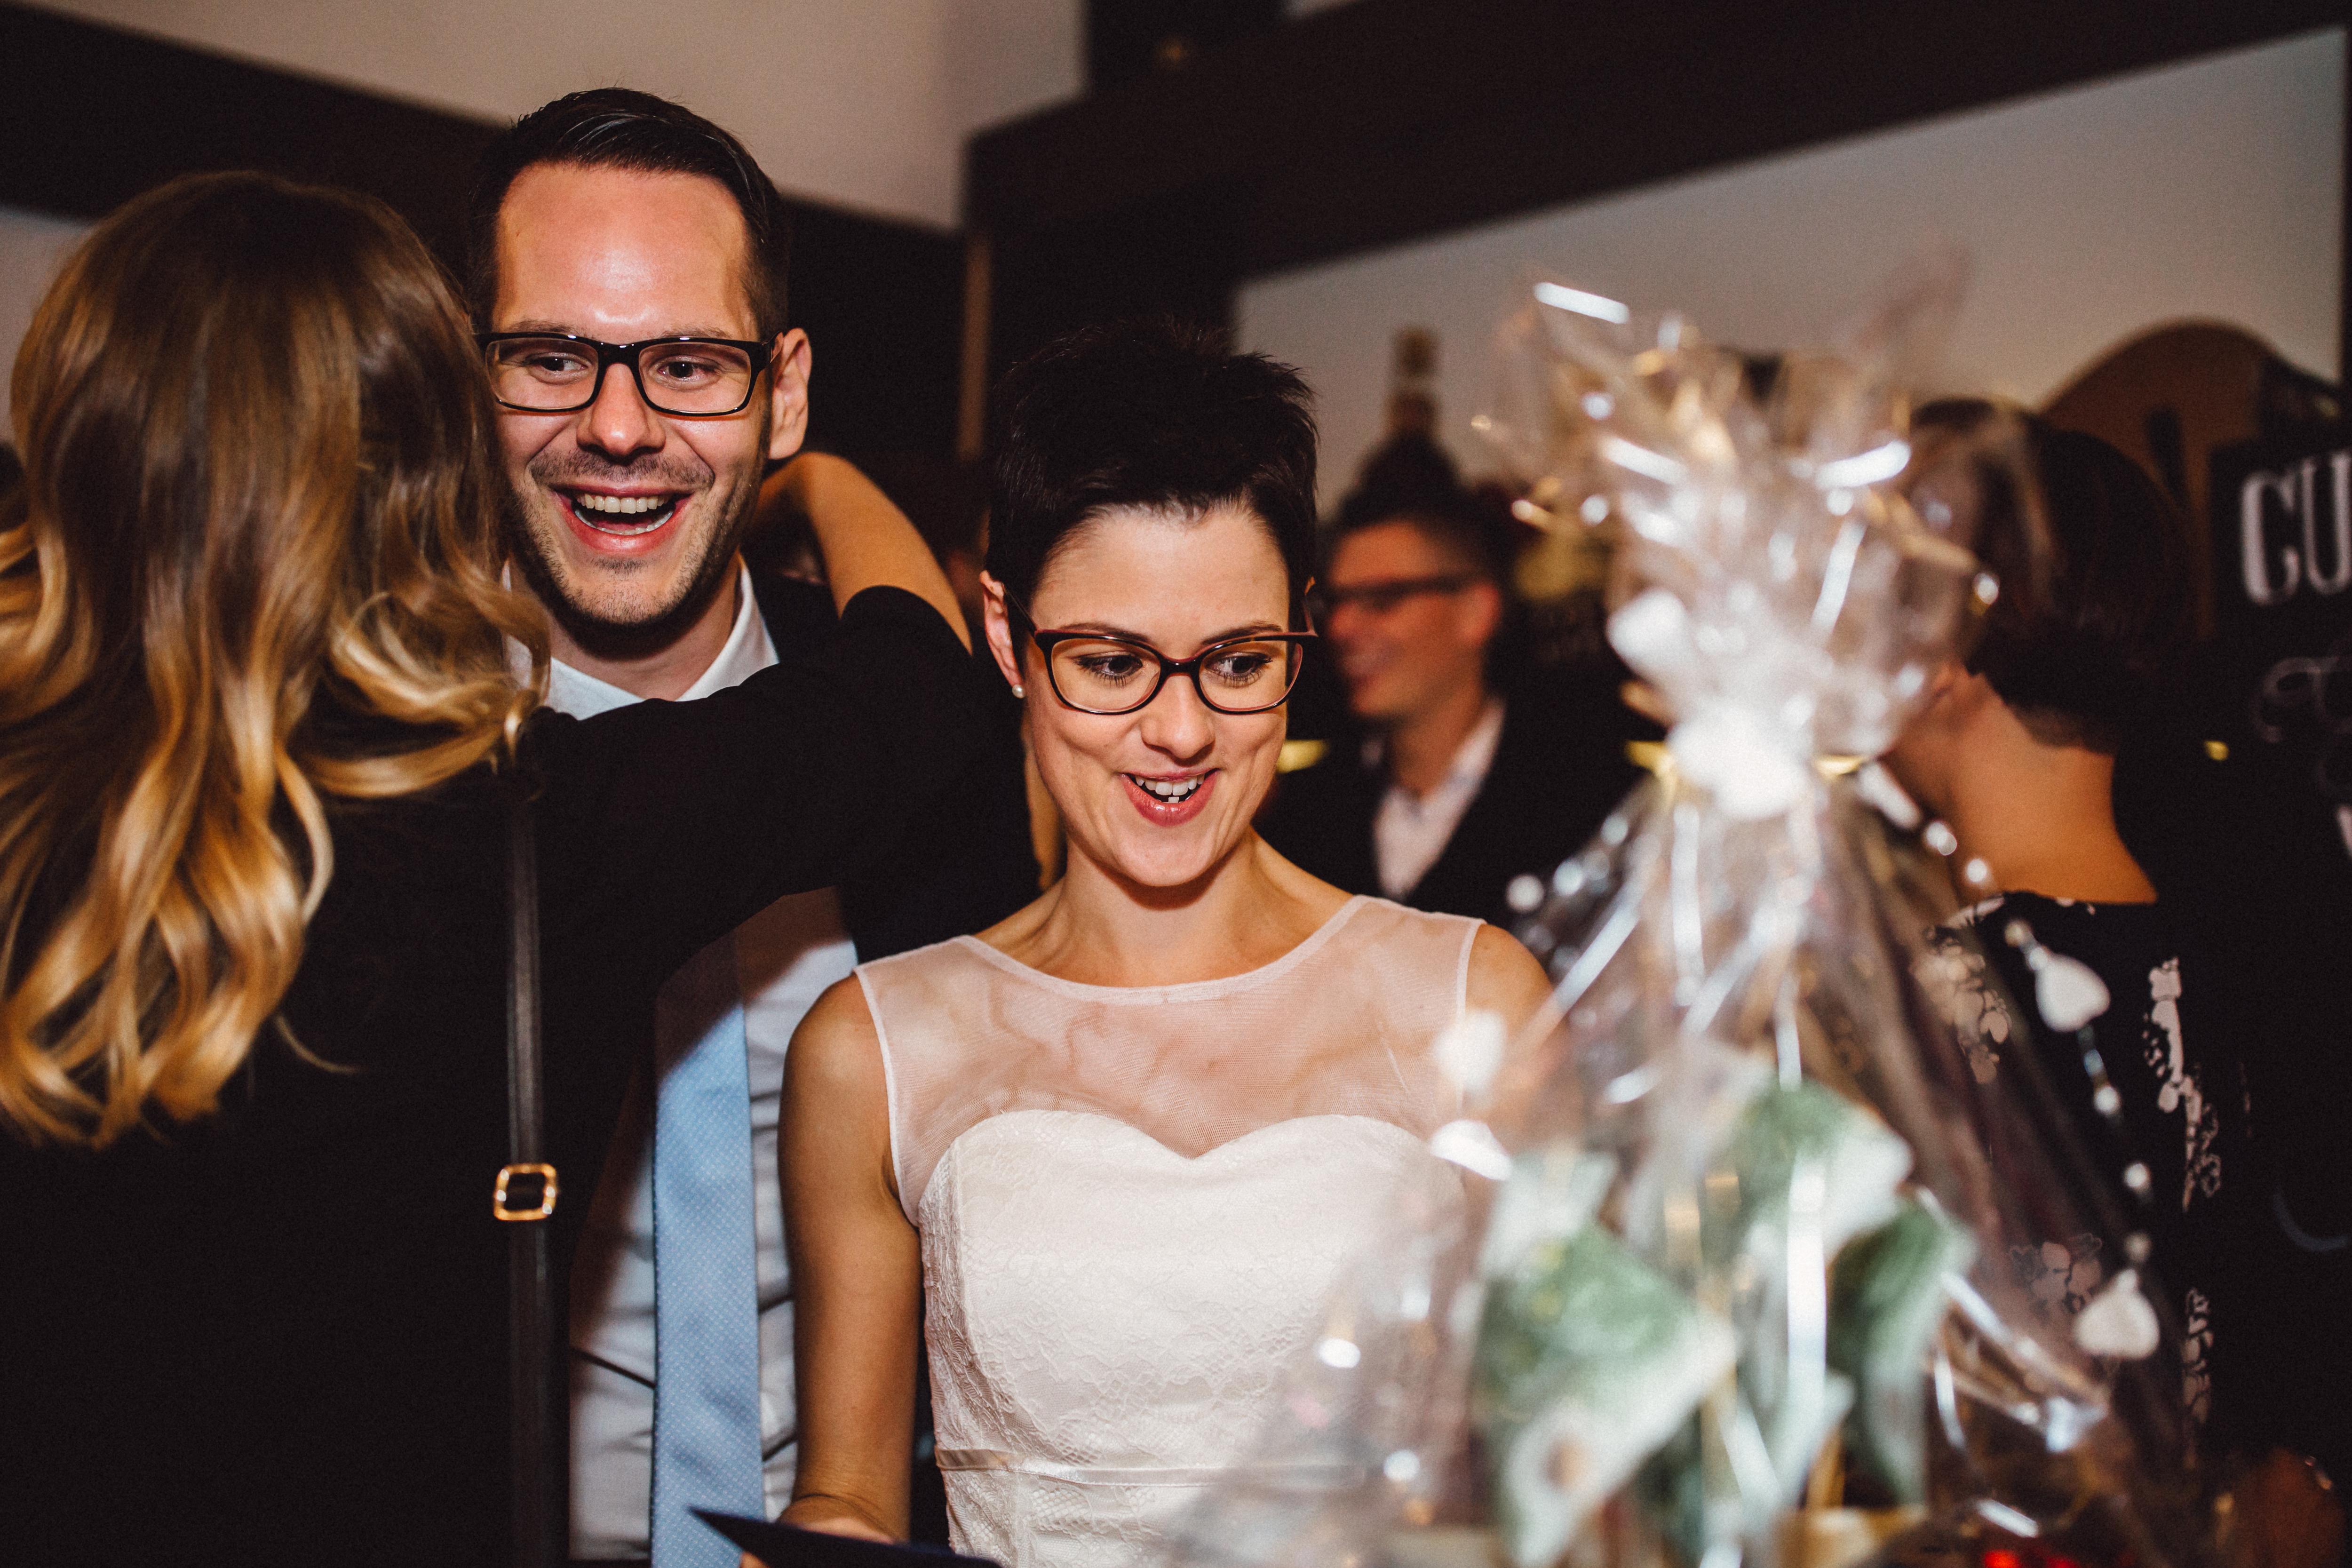 URBANERIE_Daniela_Goth_Hochzeitsfotografin_Nürnberg_Fürth_Erlangen_Schwabach_171028_0294